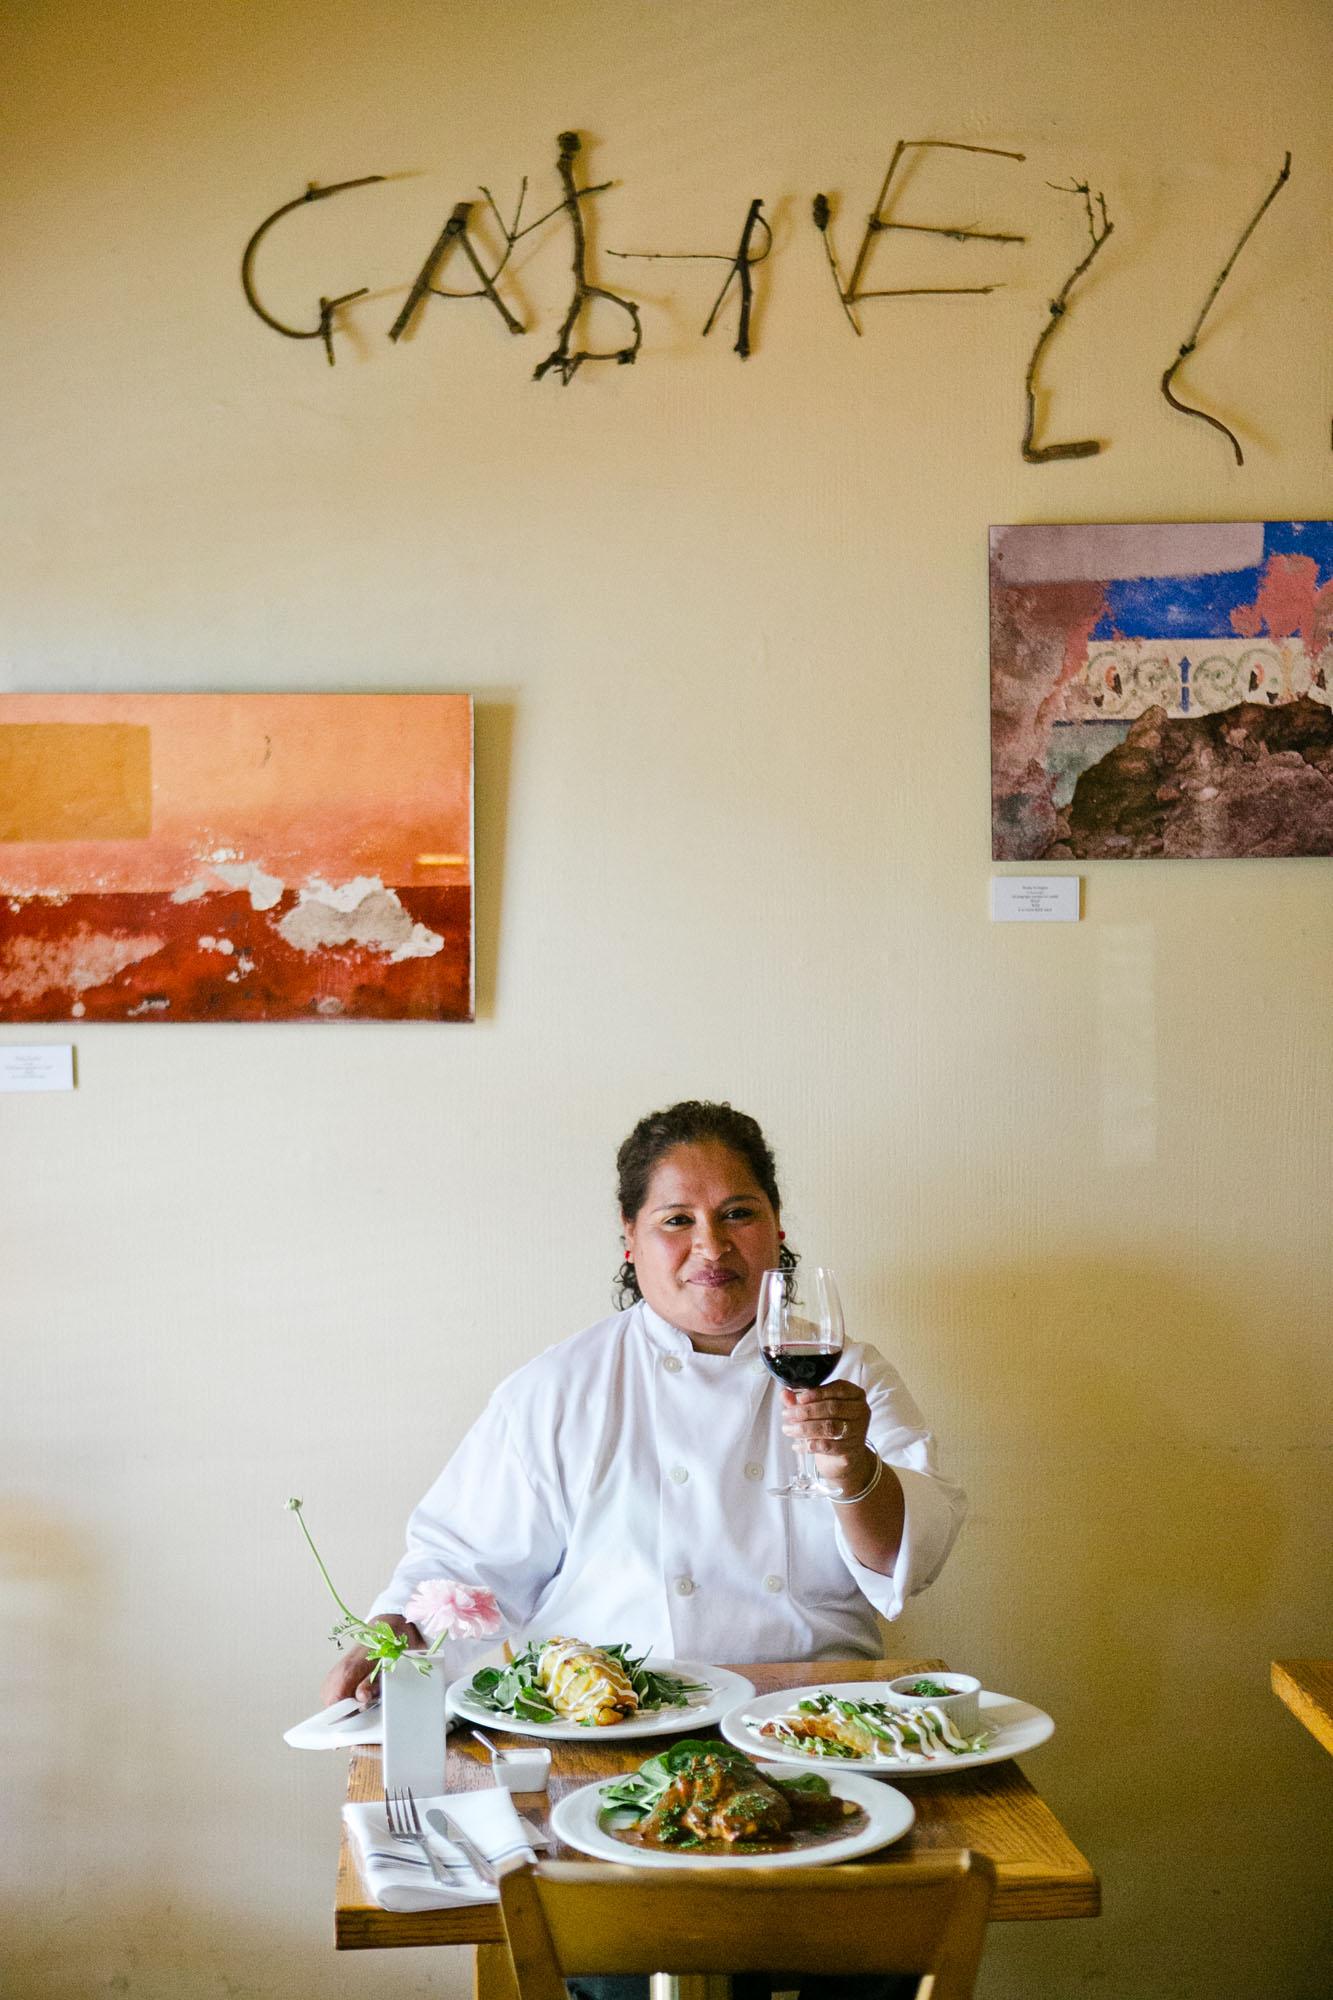 GabriellaCafe-chef-portriat.jpg